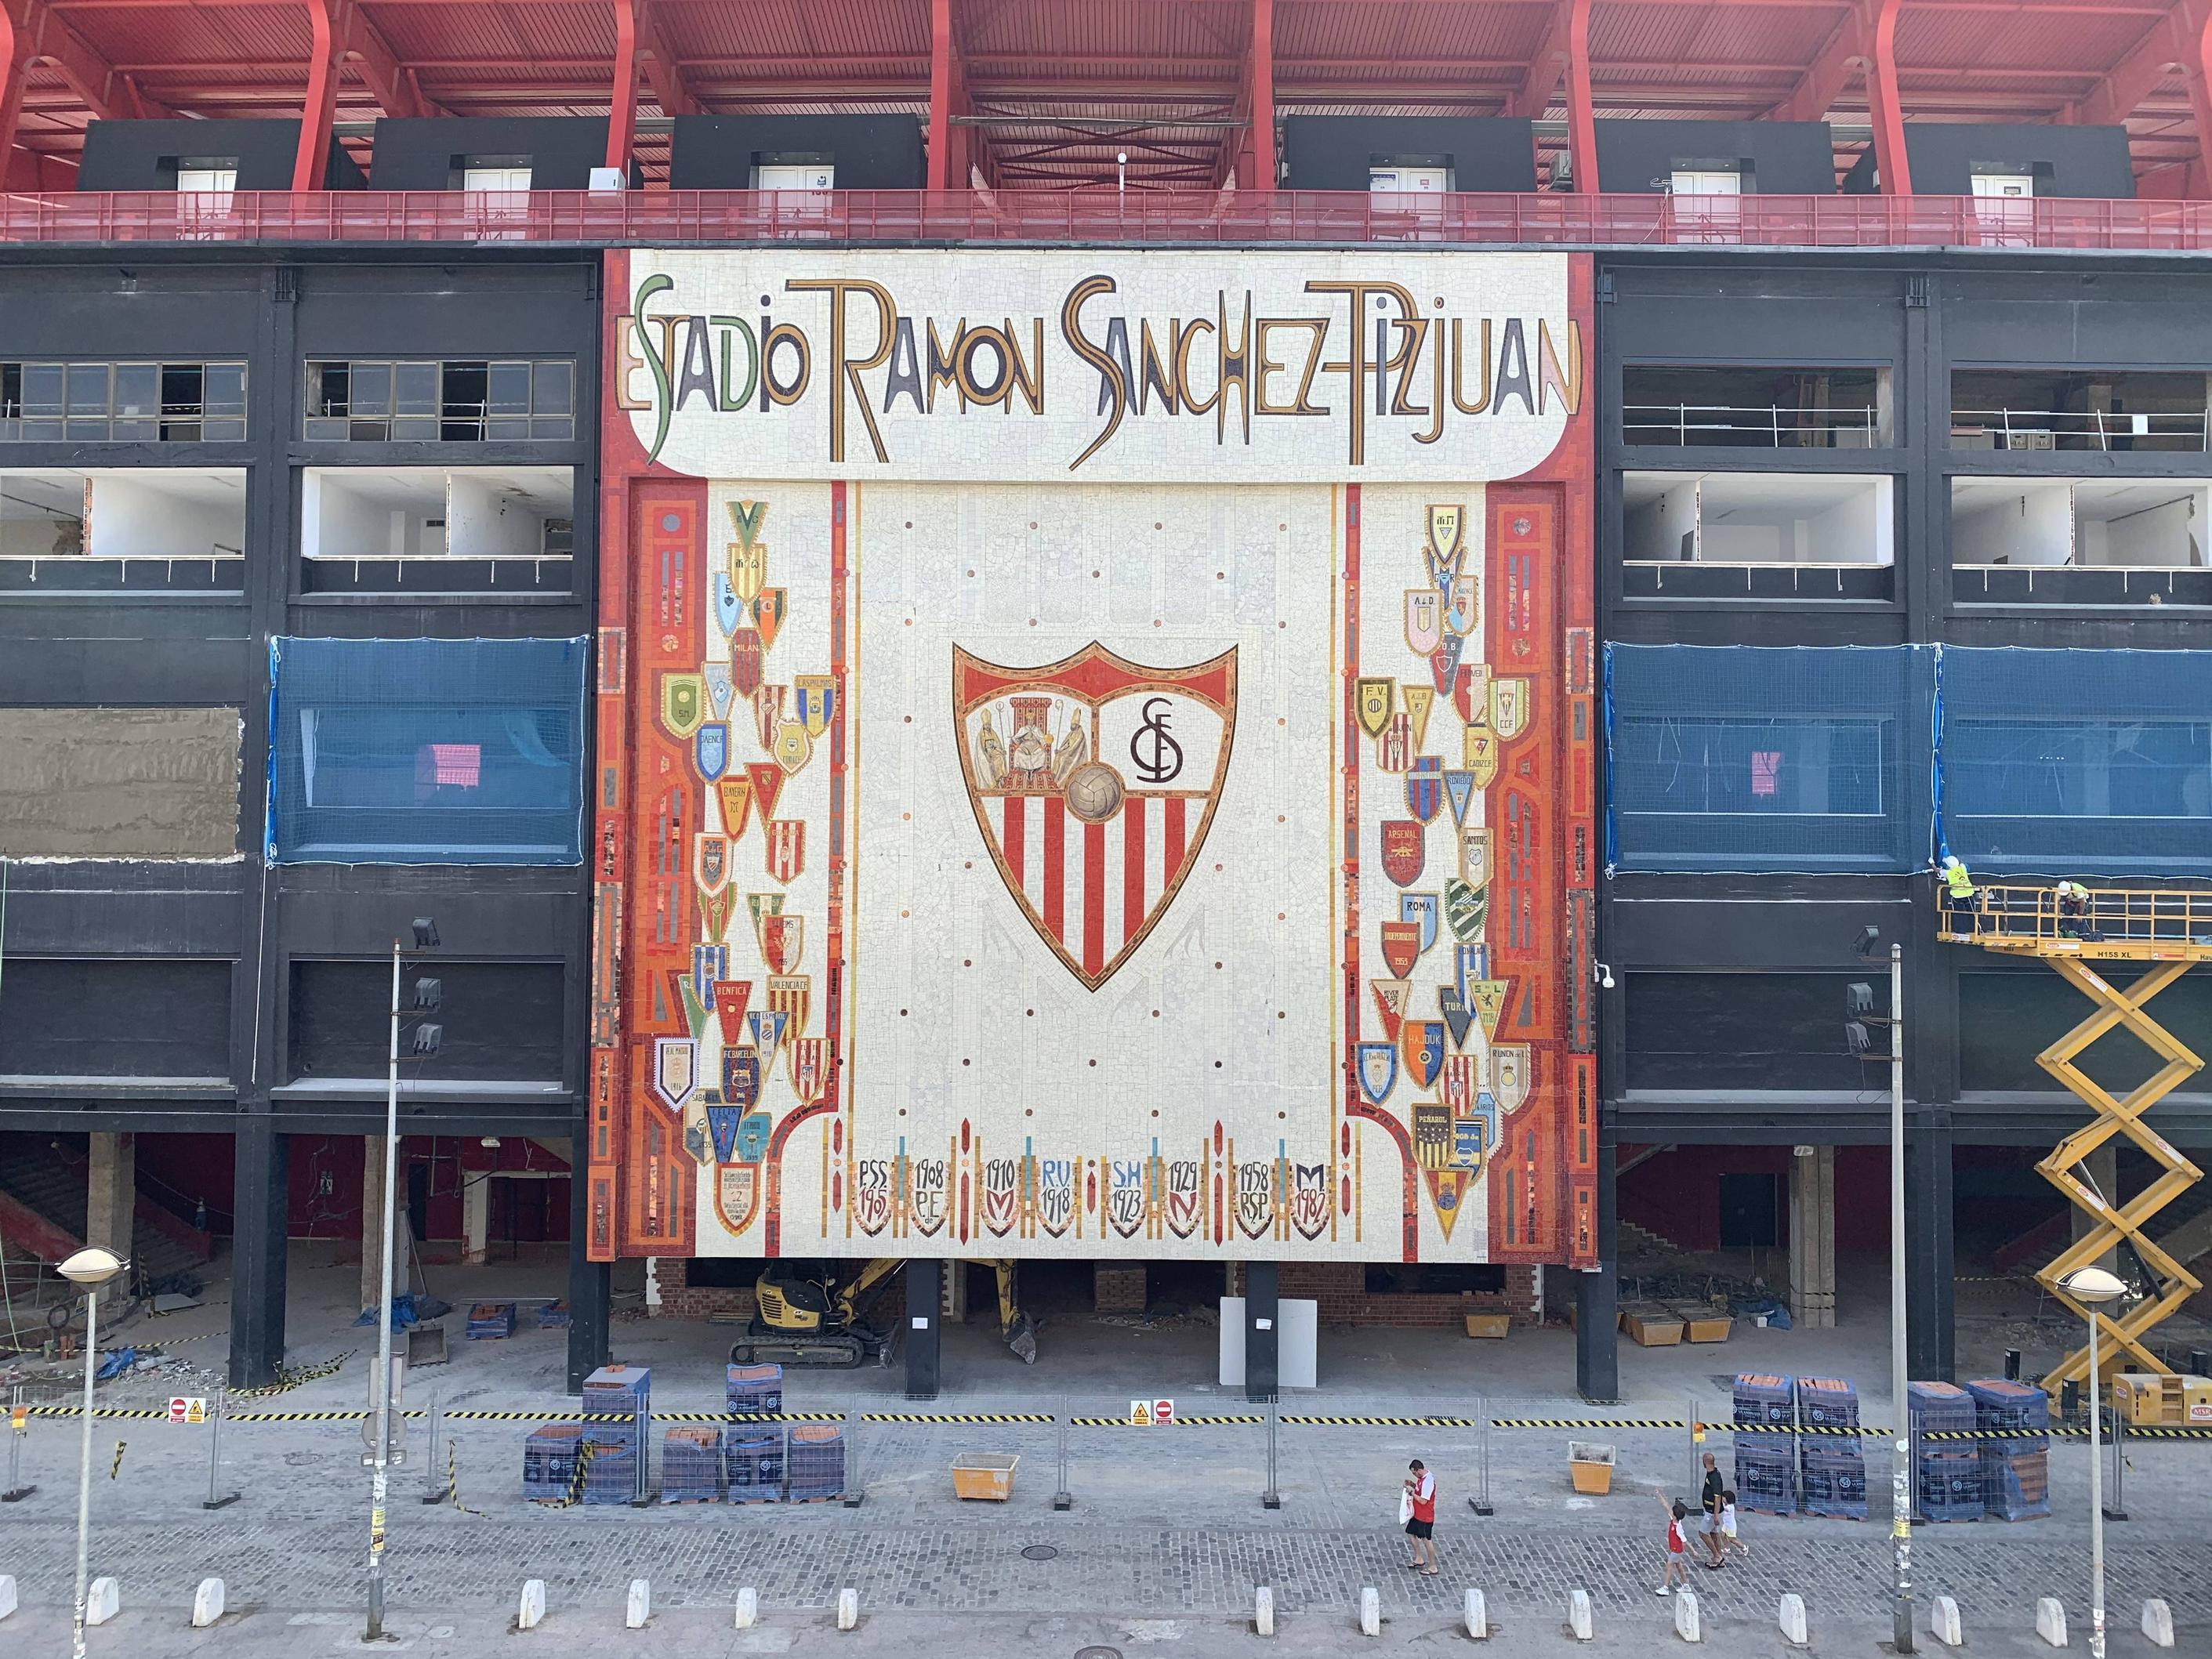 Fotos: Así van las obras de Preferencia en el Estadio Ramón Sánchez-Pizjuán, visto en ForoSevillaGrande